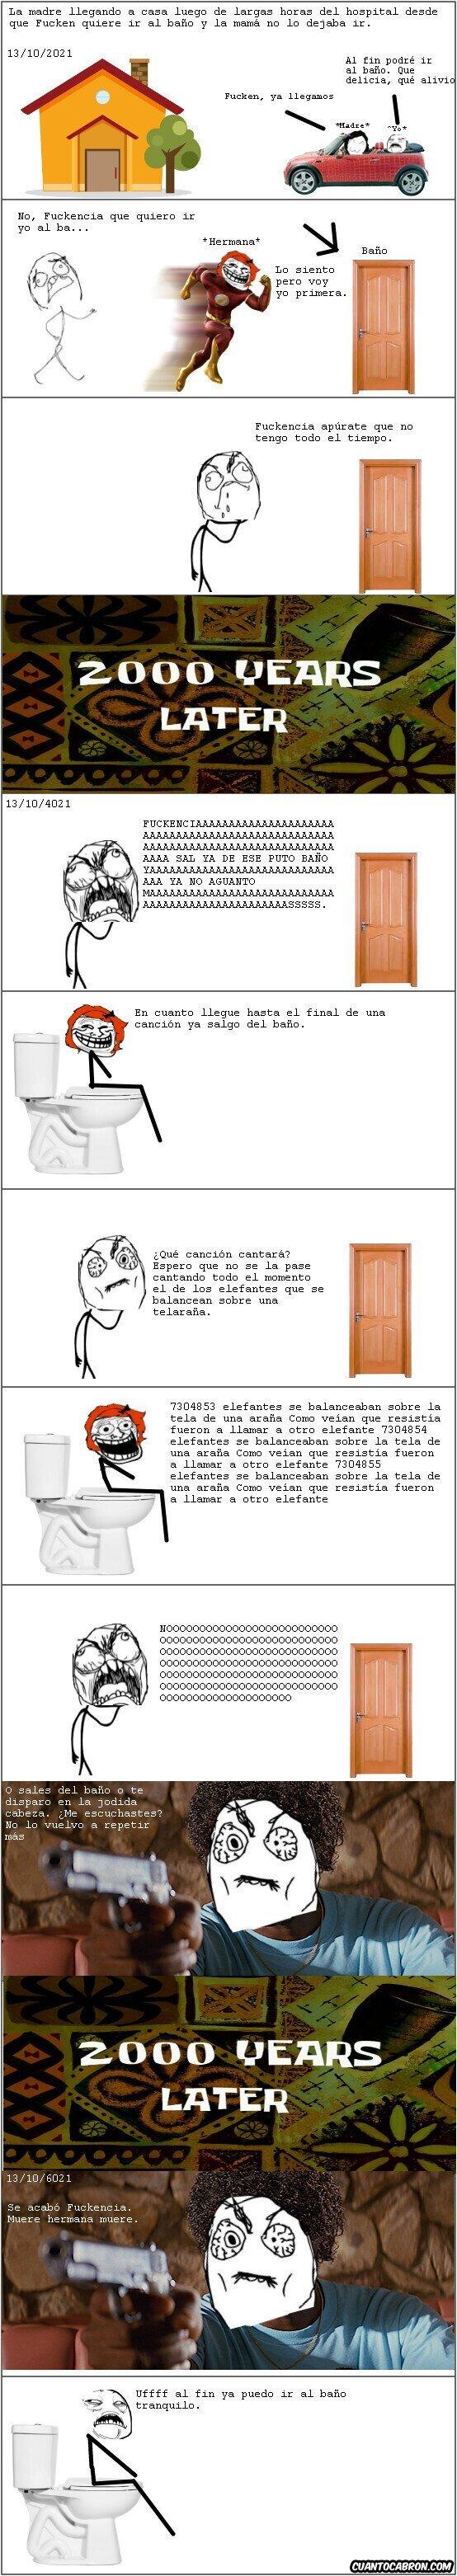 ¿Tanta eternidad para un solo baño?